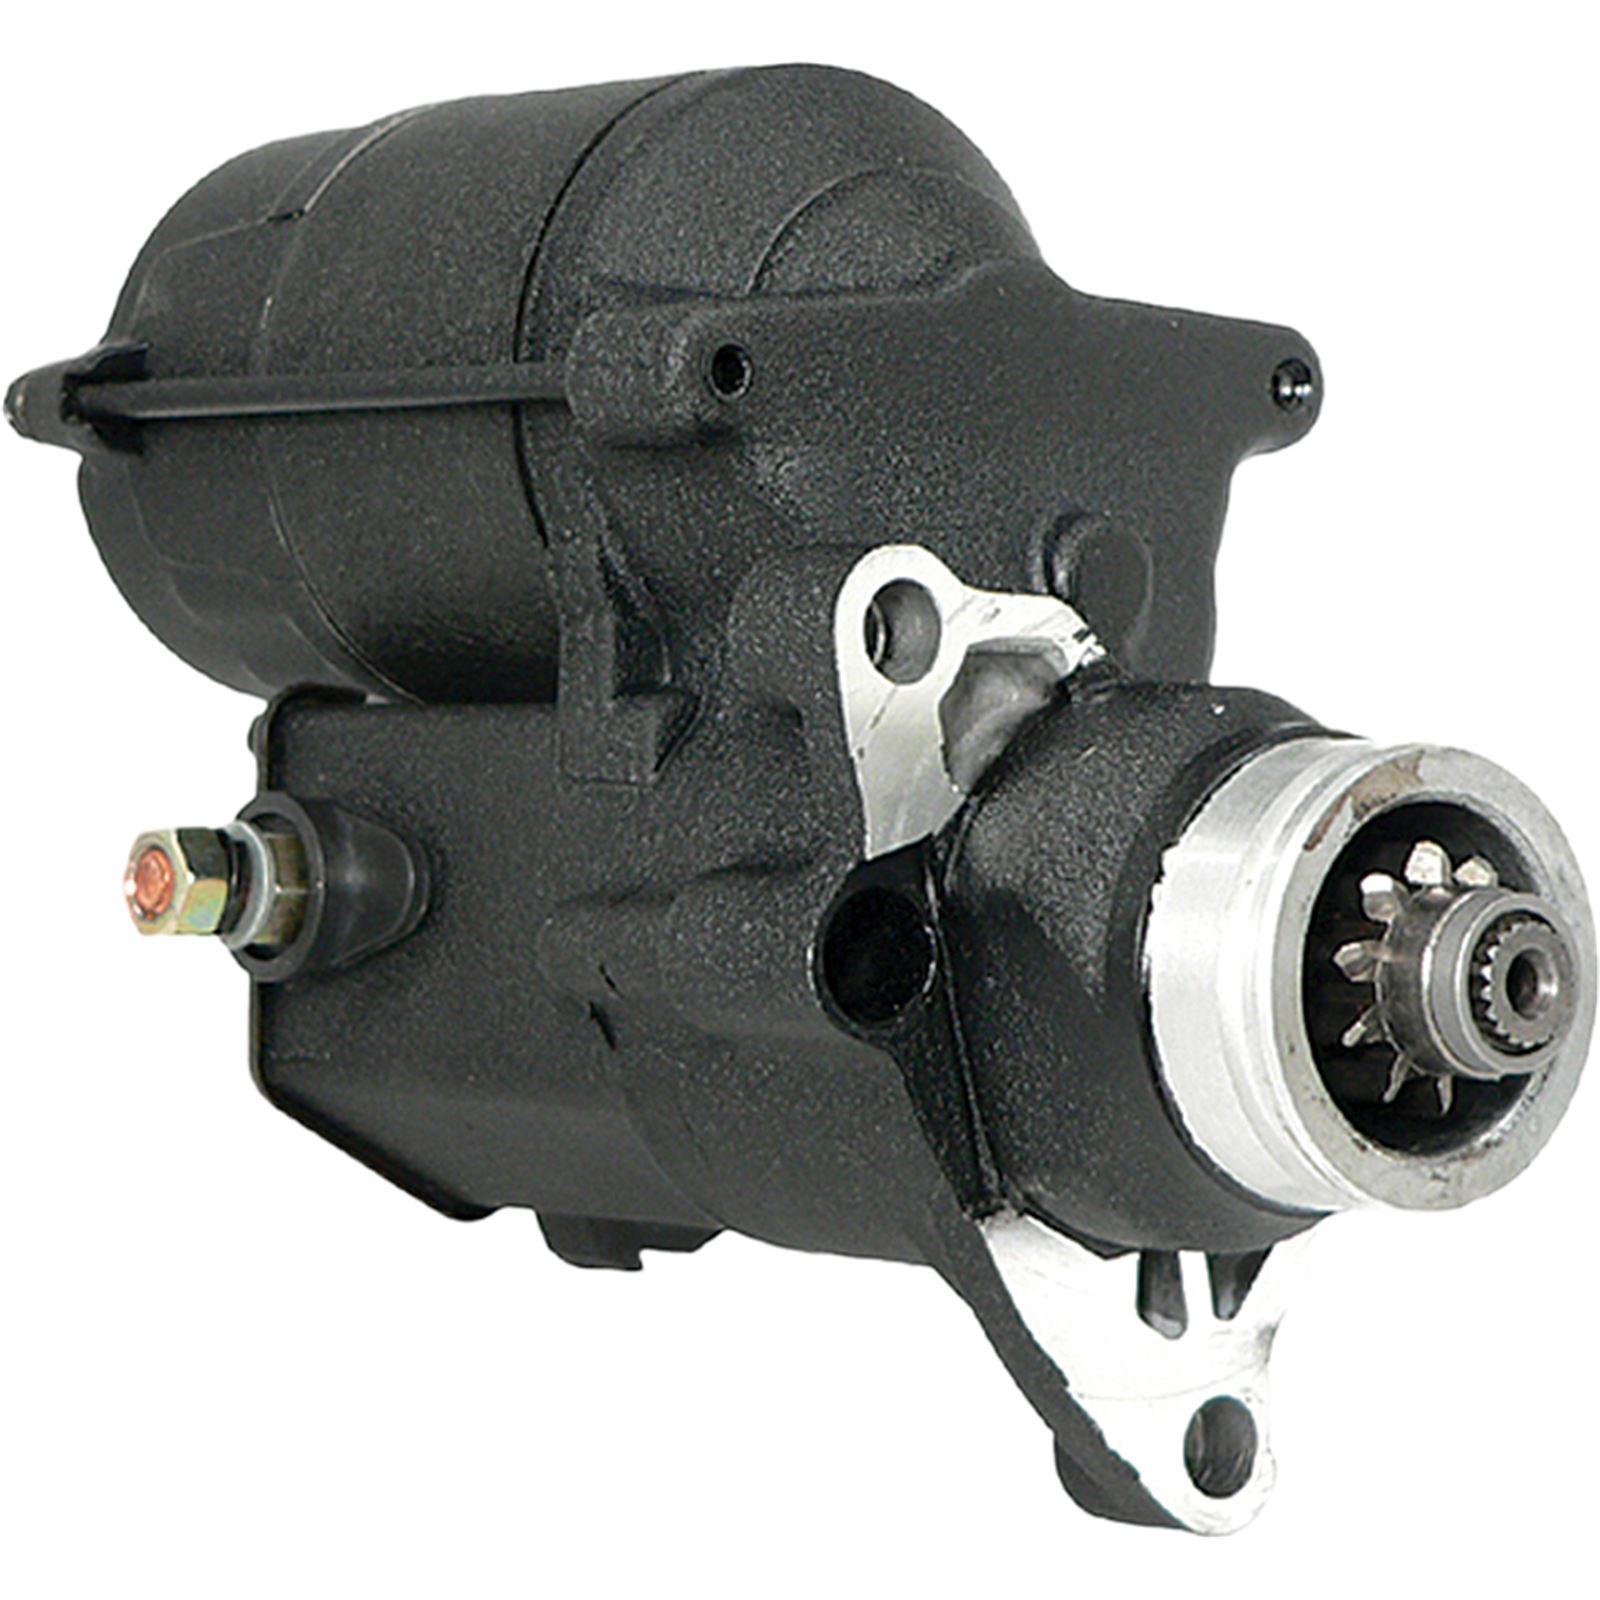 Harddrive Starter Motor